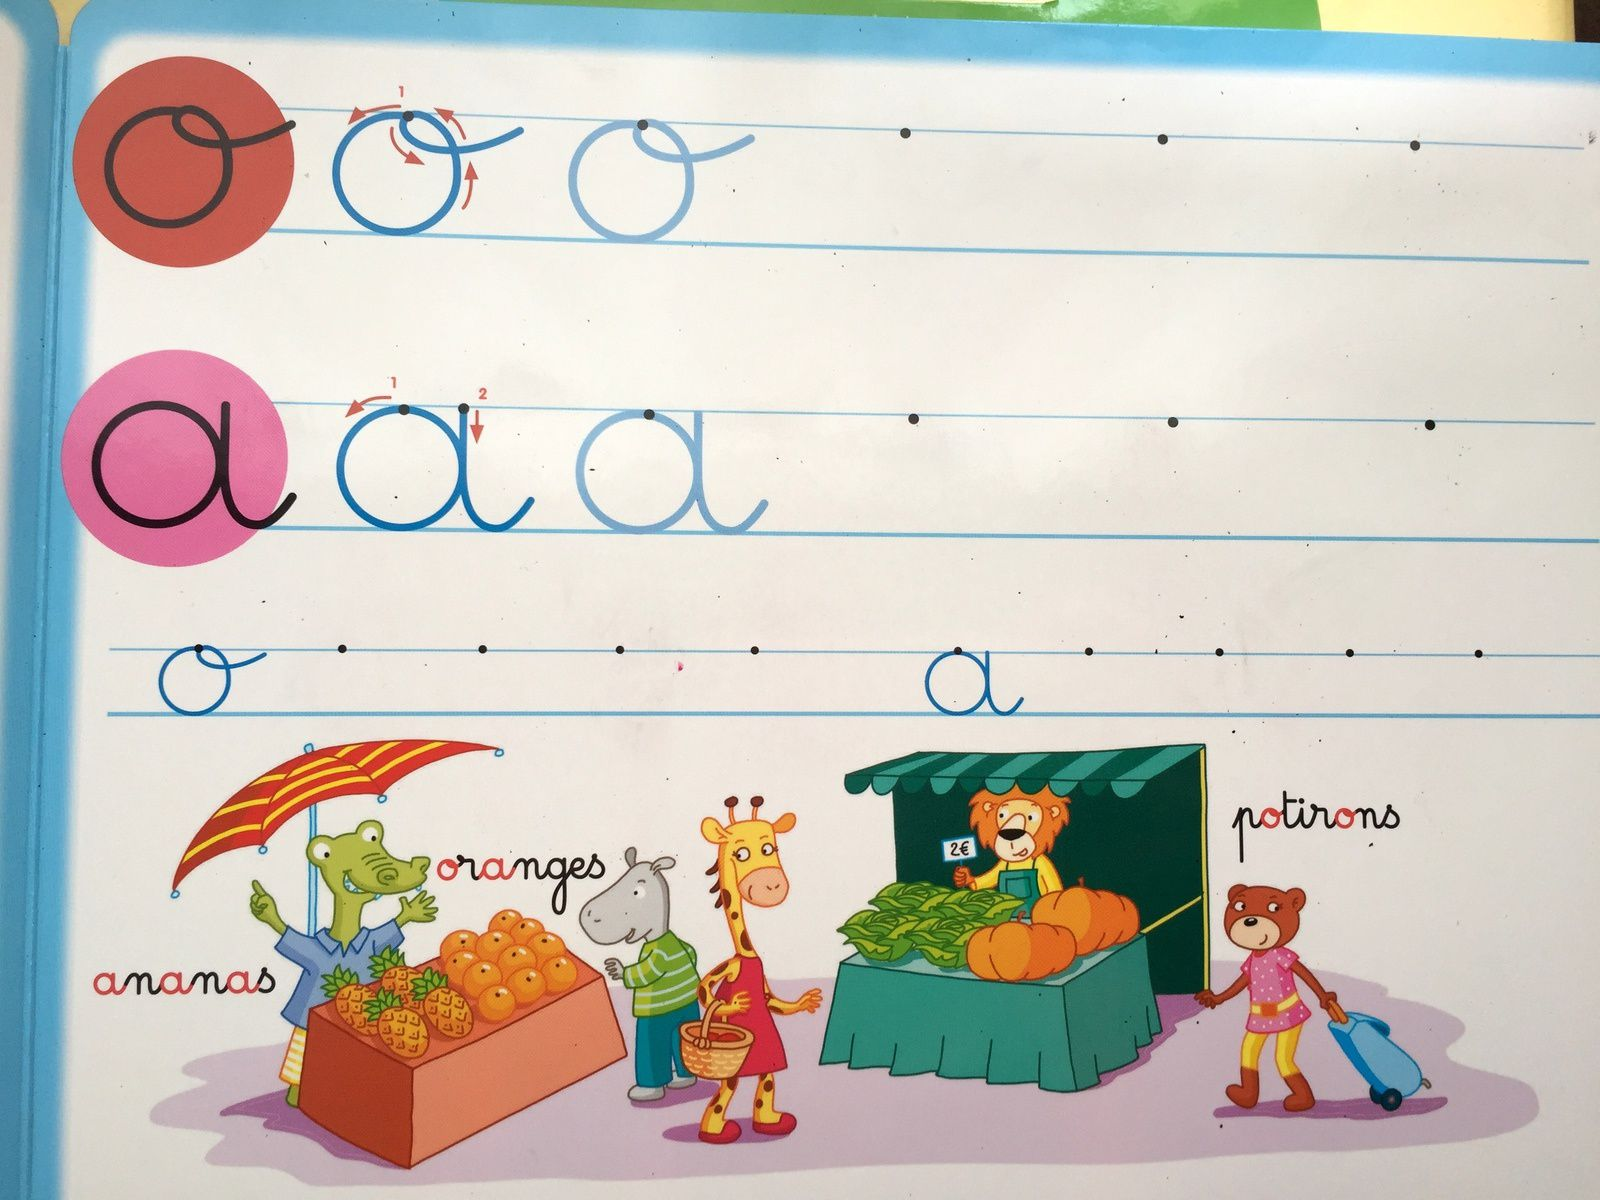 #graphisme #apprendreàécrire #maternelle #ardoisemagique  sur #charlotteblabla blog